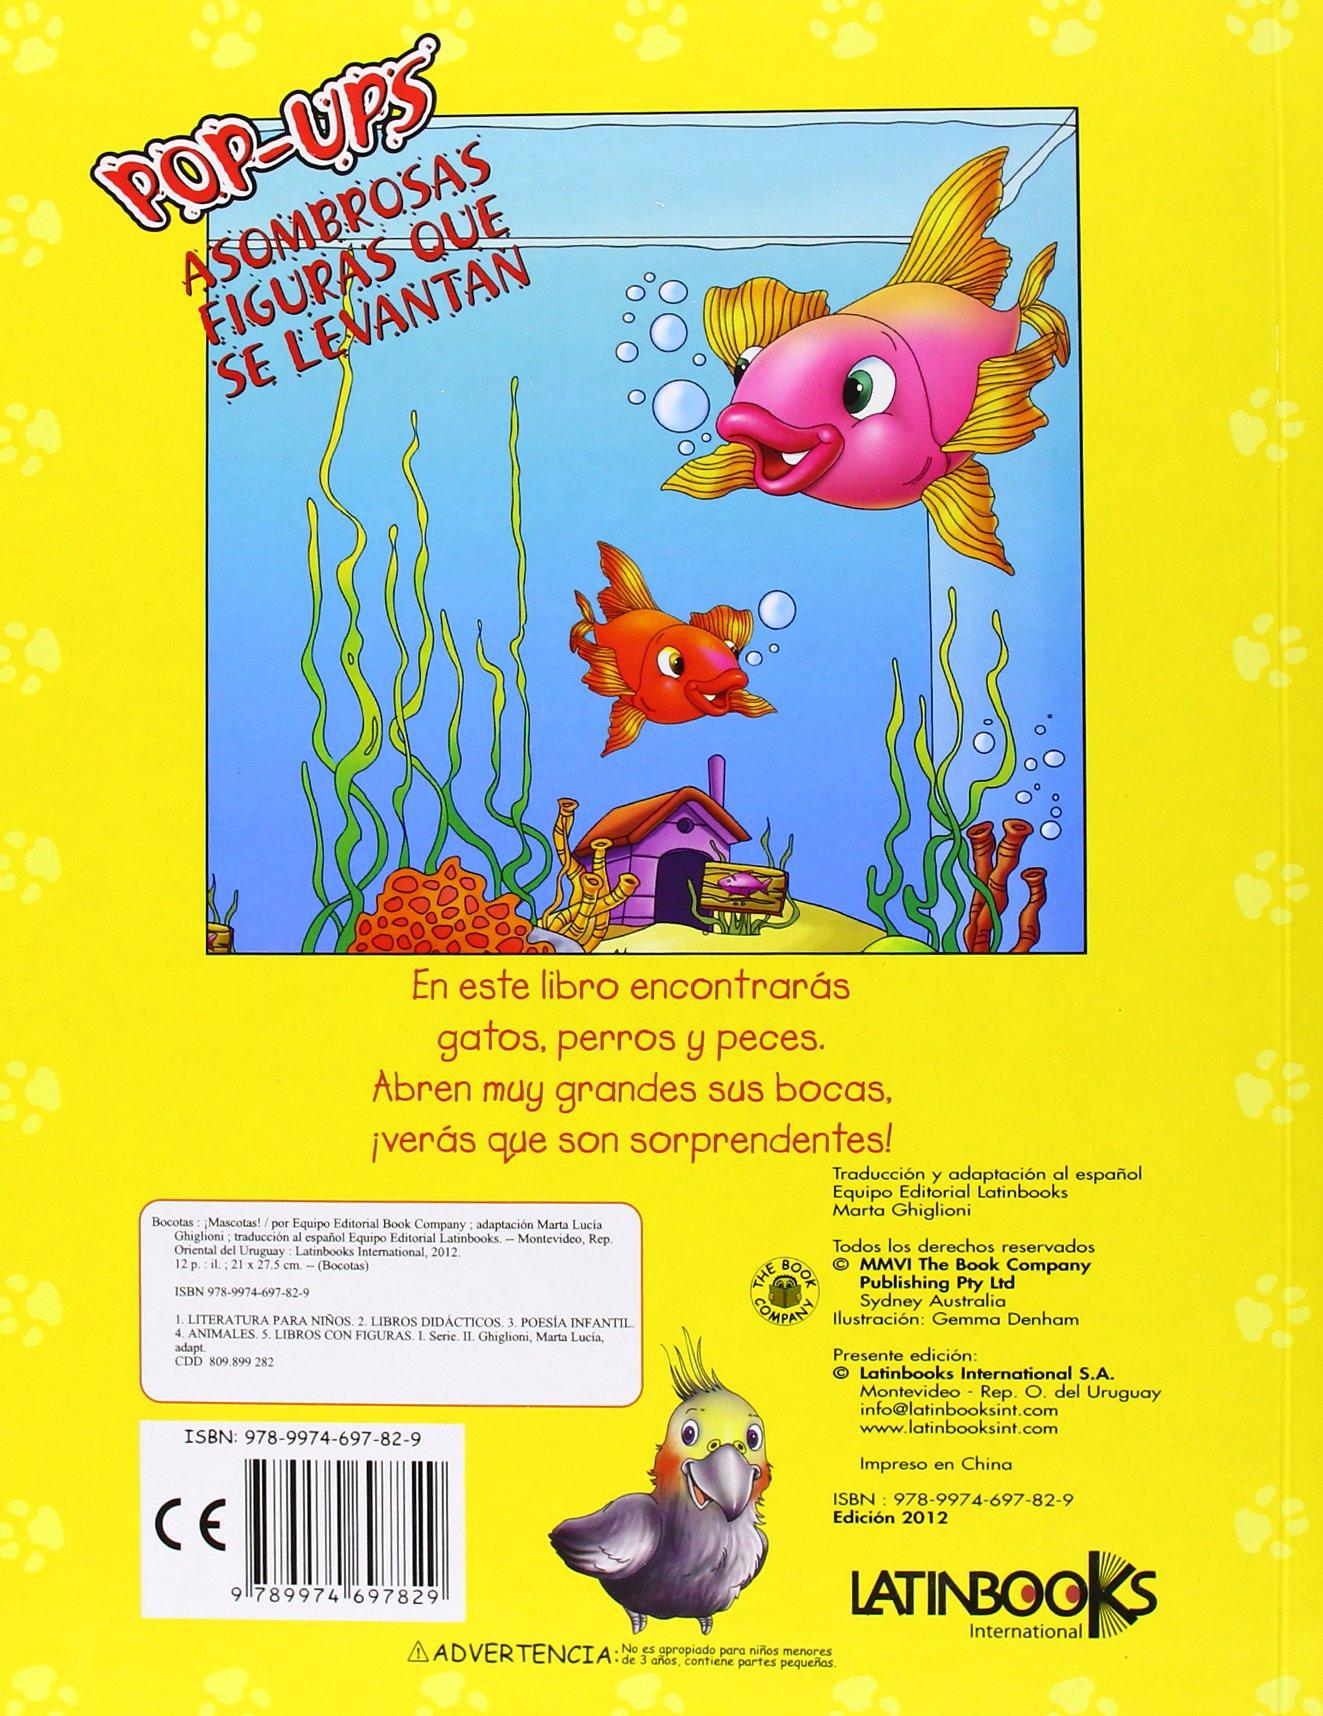 BOCOTAS:MASCOTAS ADORABLES (POP-UPS): S.A. LATINBOOKS INTERNATIONAL: 9789974697829: Amazon.com: Books